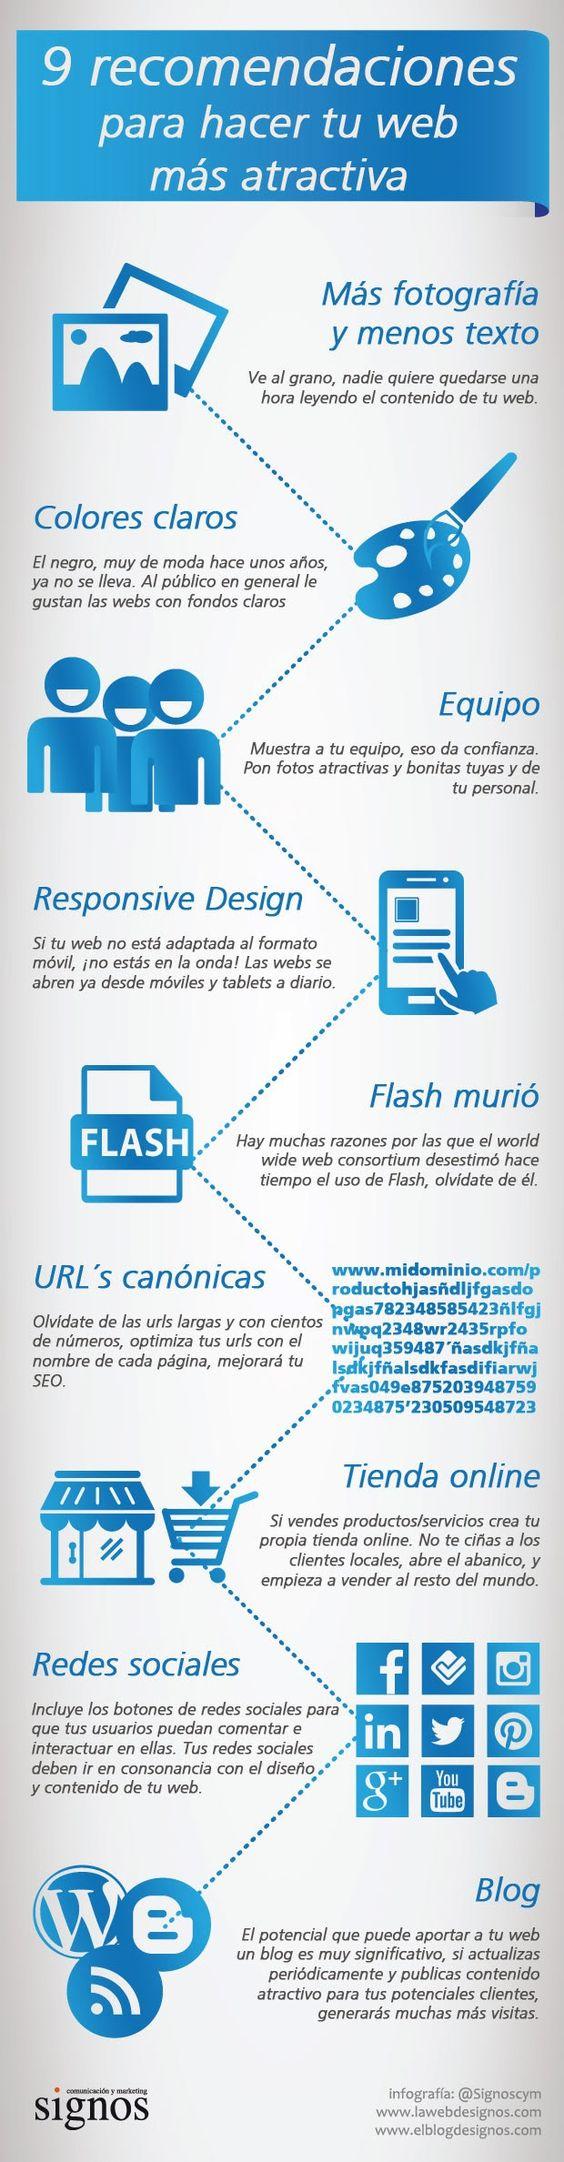 recomendaciones-diseno-pagina-web-atractiva-infografia